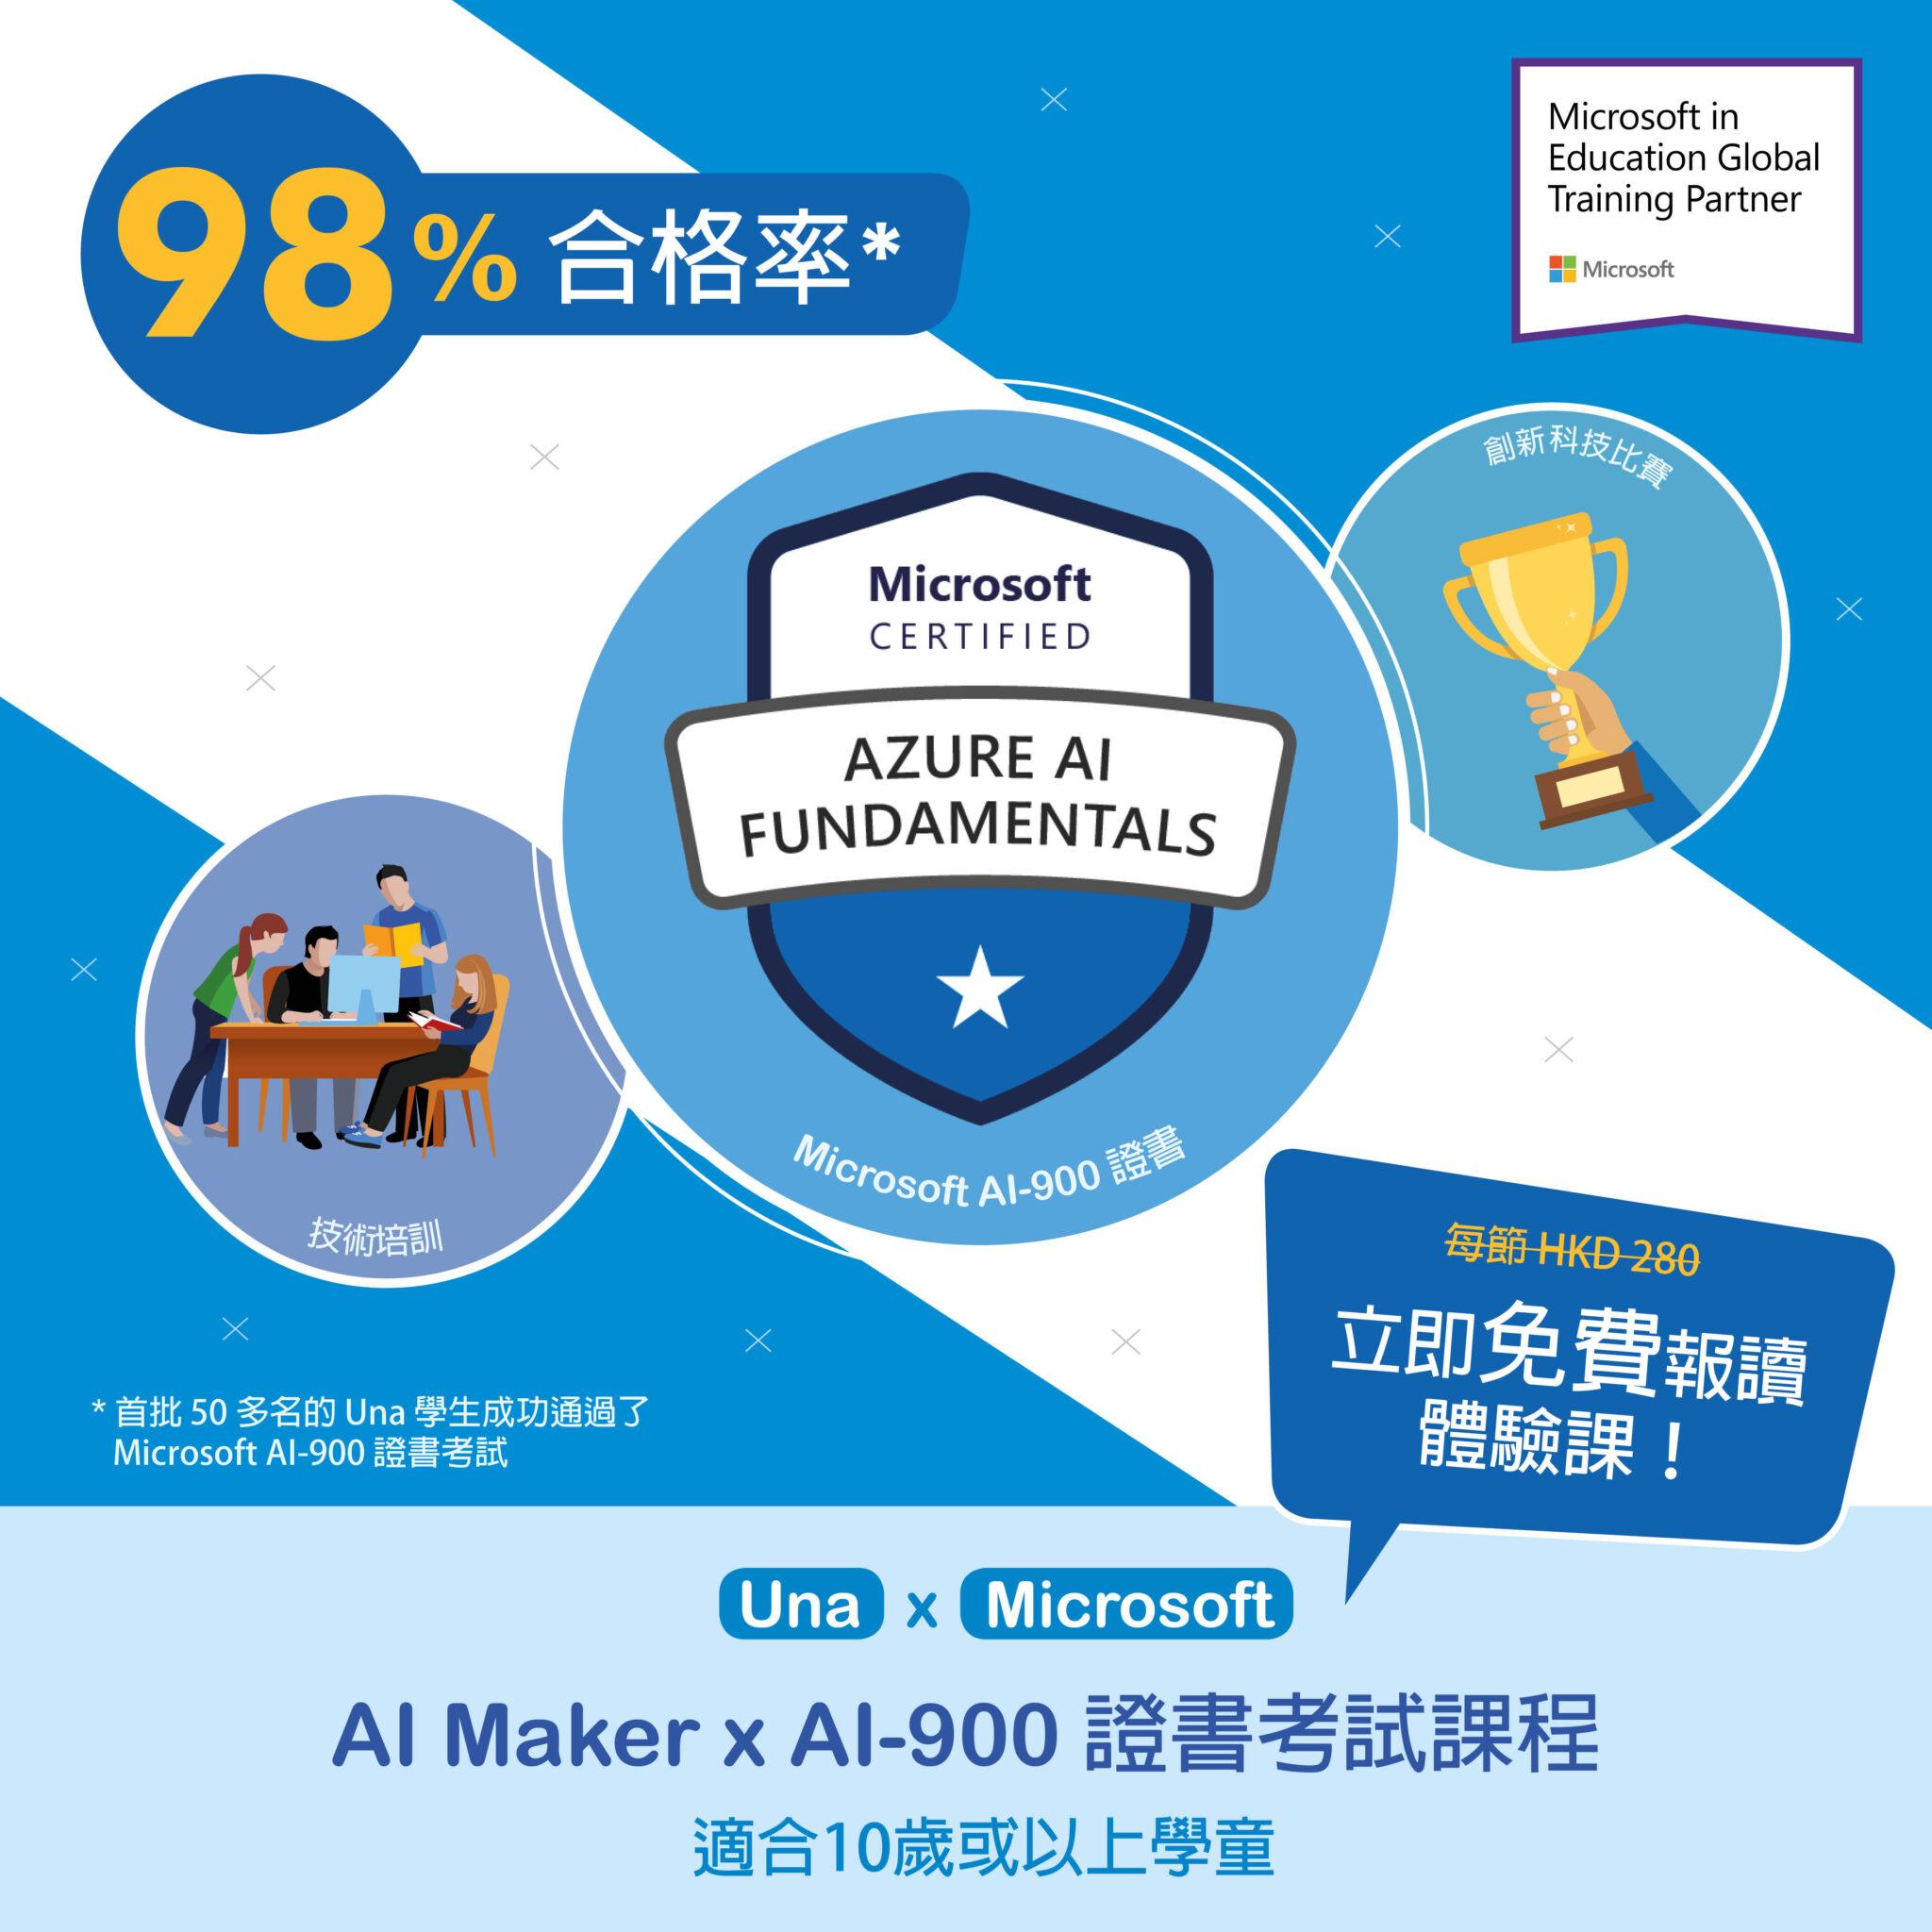 AI Maker x AI-900 Trial Class